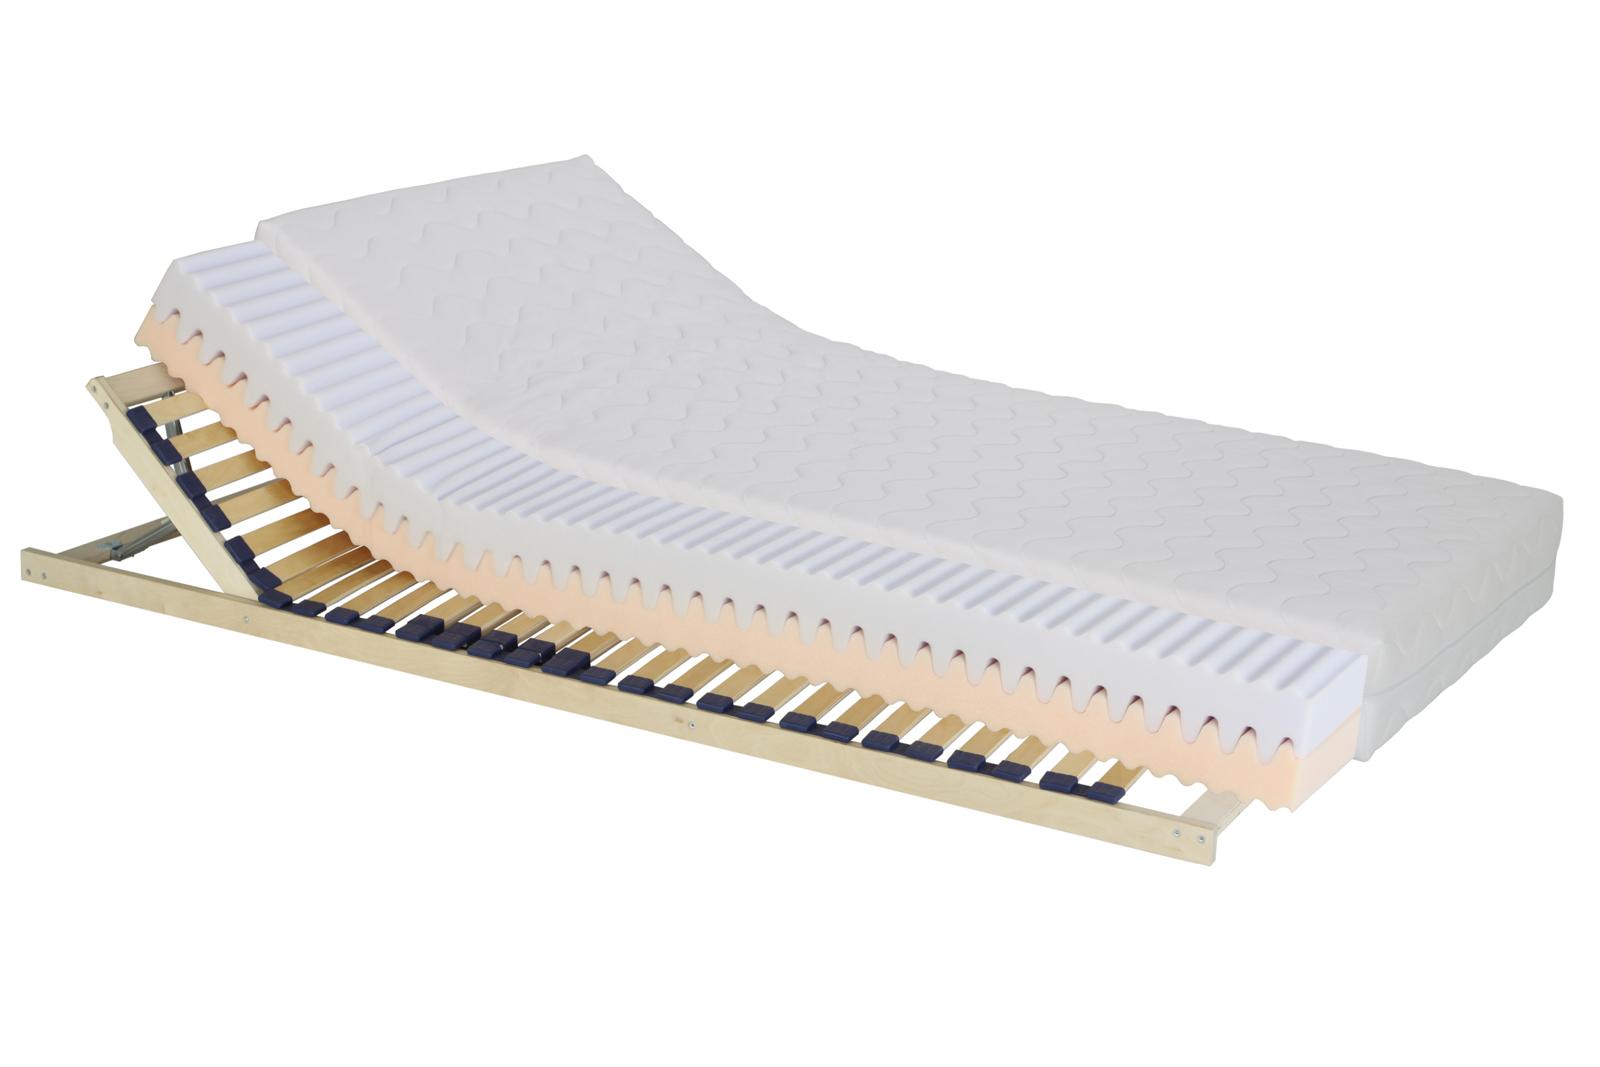 Penový matrac - Tempo Kondela - Tempo 30, 200x160 cm. Sme autorizovaný predajca Tempo-Kondela. Vlastná spoľahlivá doprava až k Vám domov.